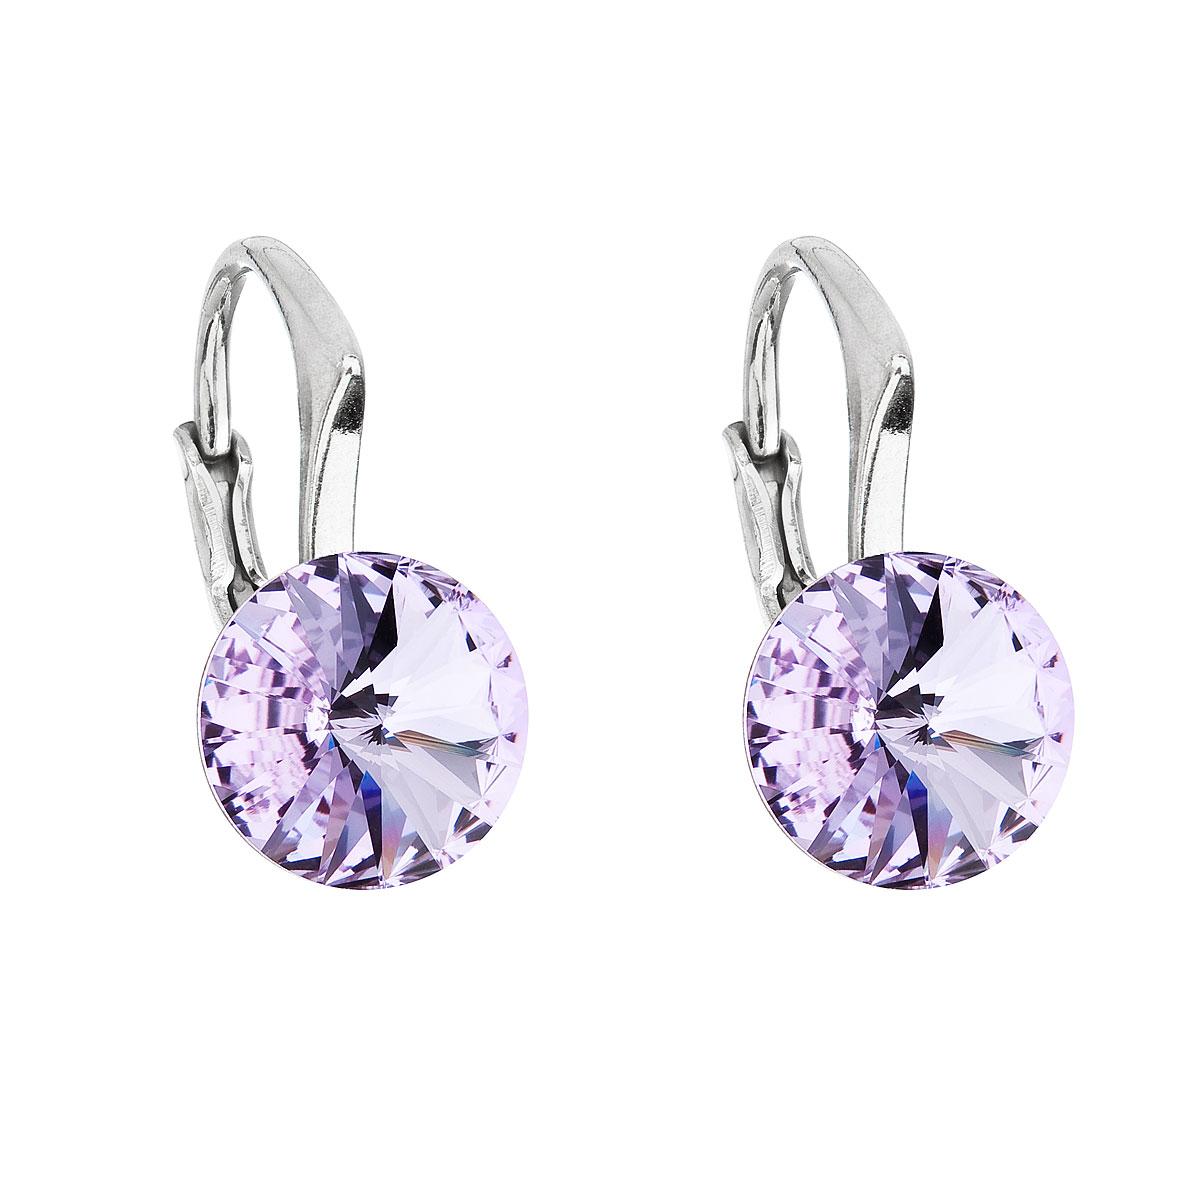 Evolution Group Stříbrné náušnice visací s krystaly Swarovski fialové kulaté 31229.3 violet